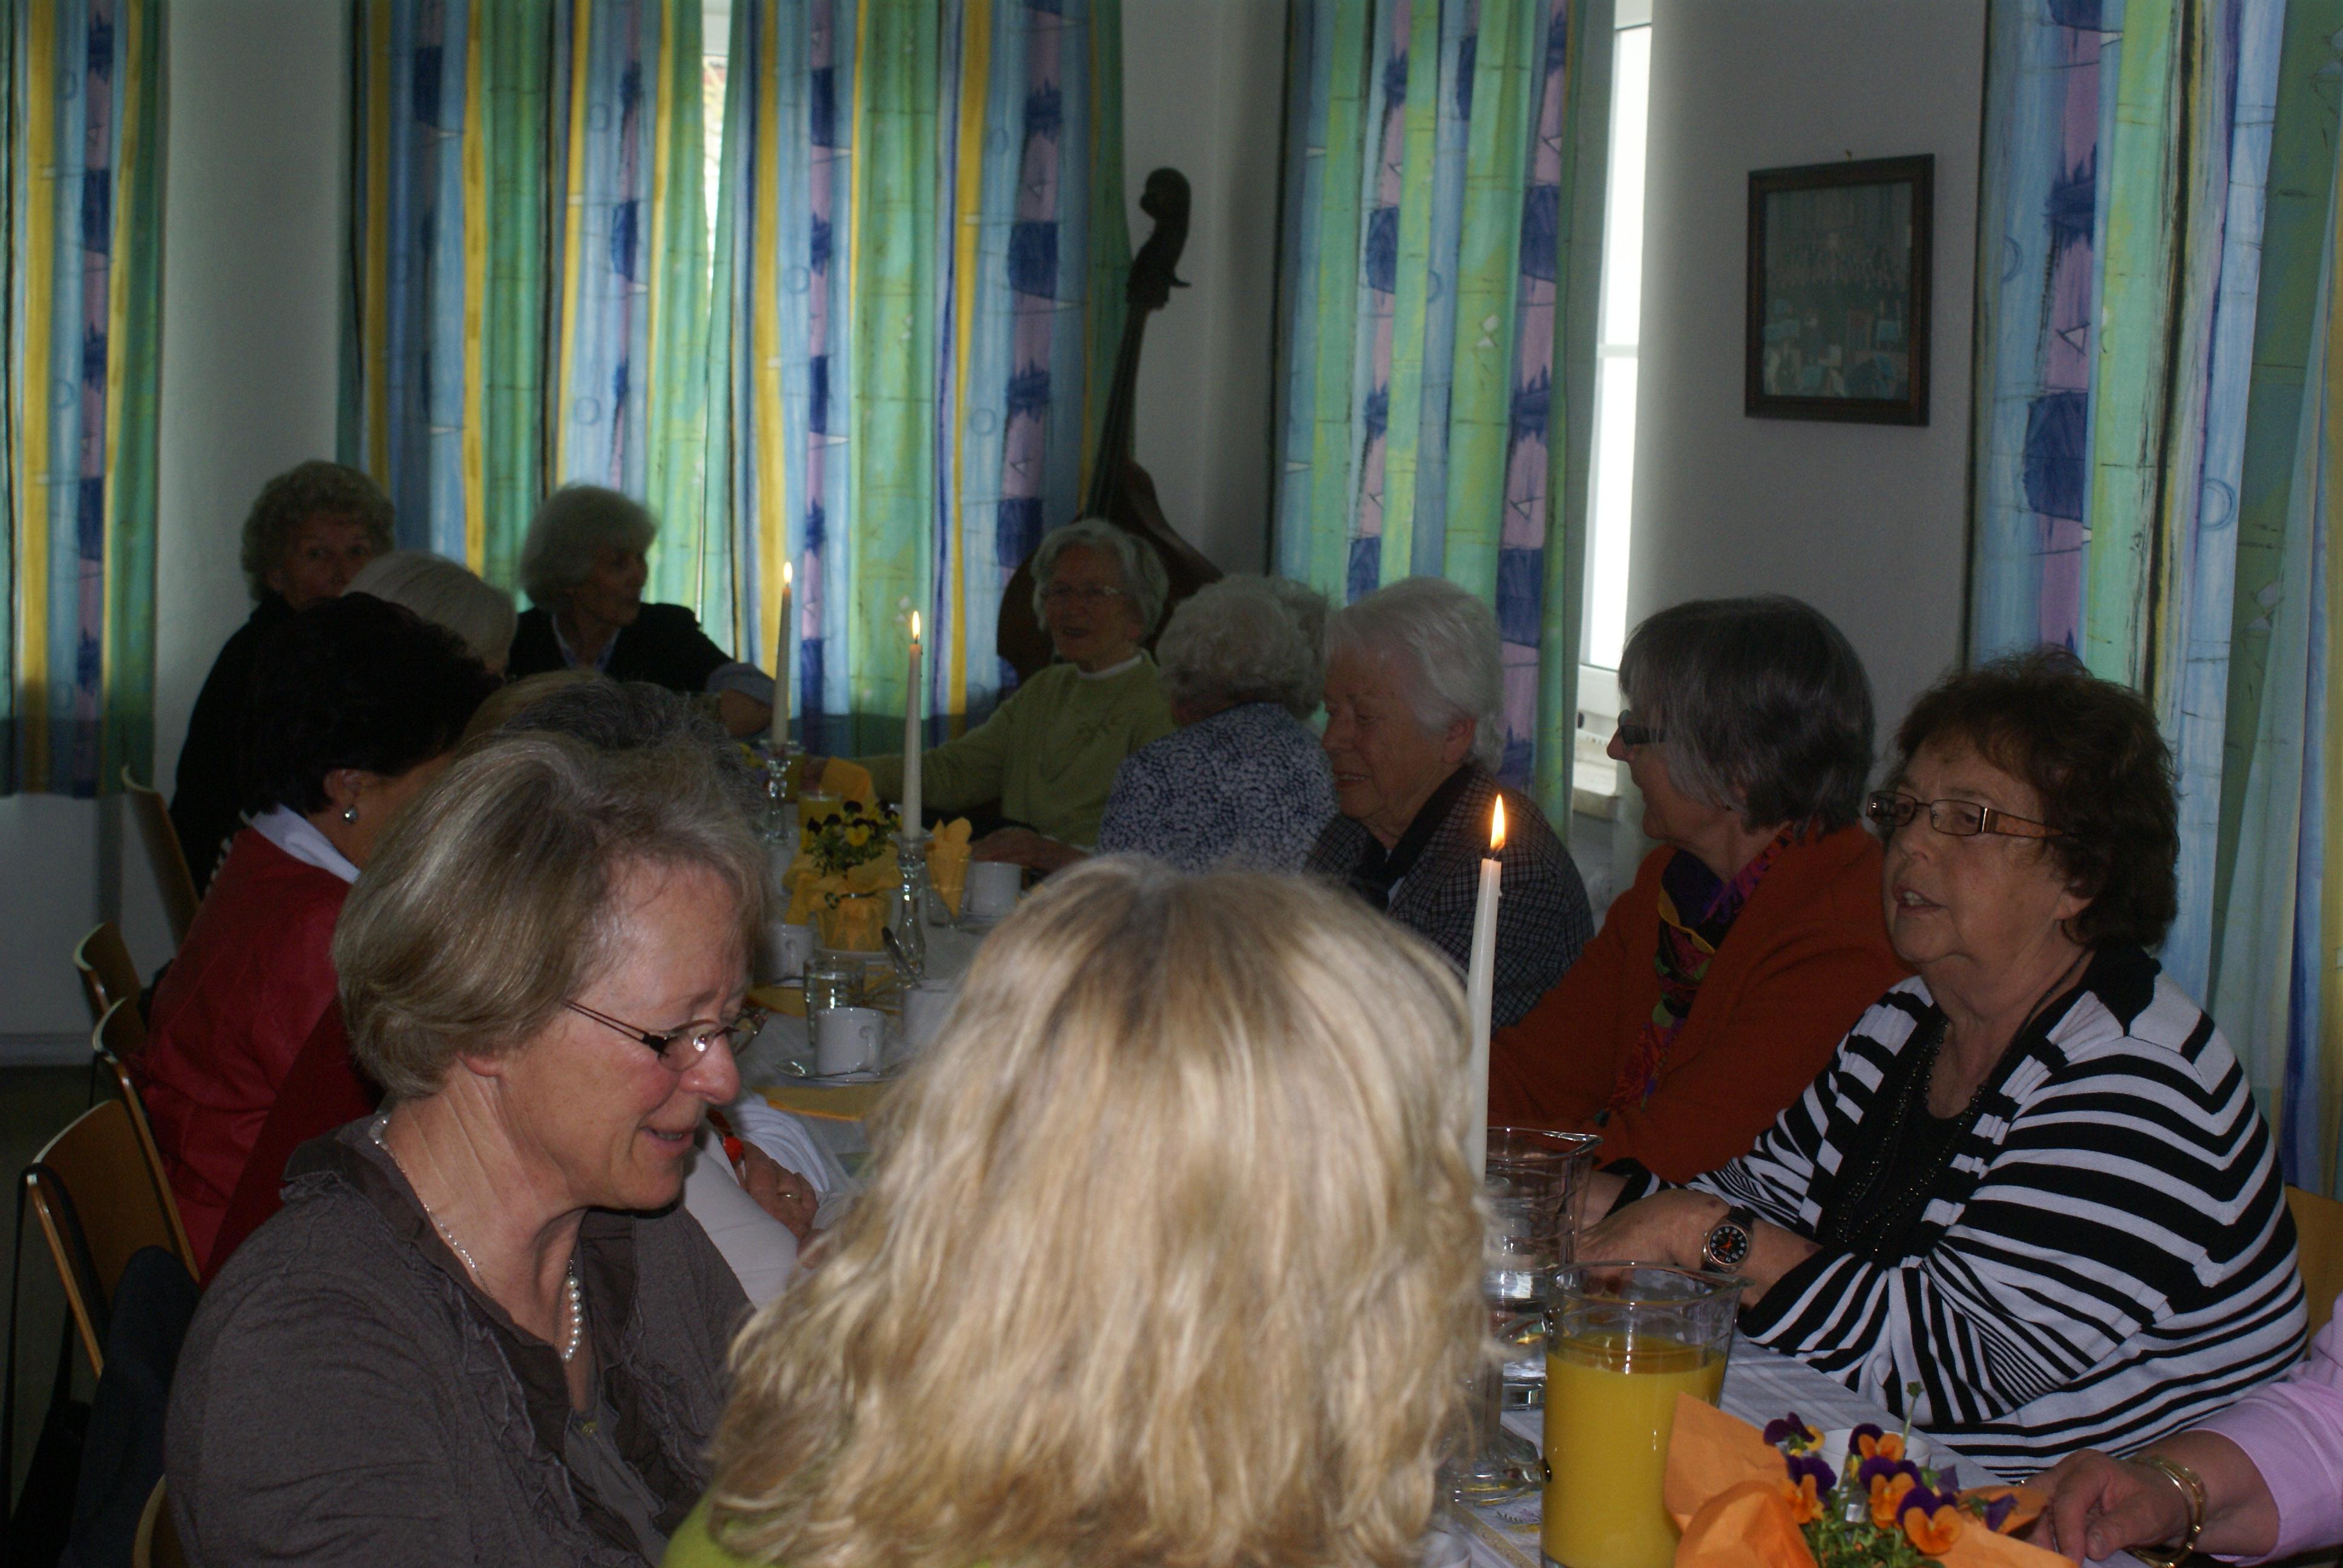 Jahreshauptversammlung der KFD Zaisering-Leonhardspfunzen 2014: Mitglieder